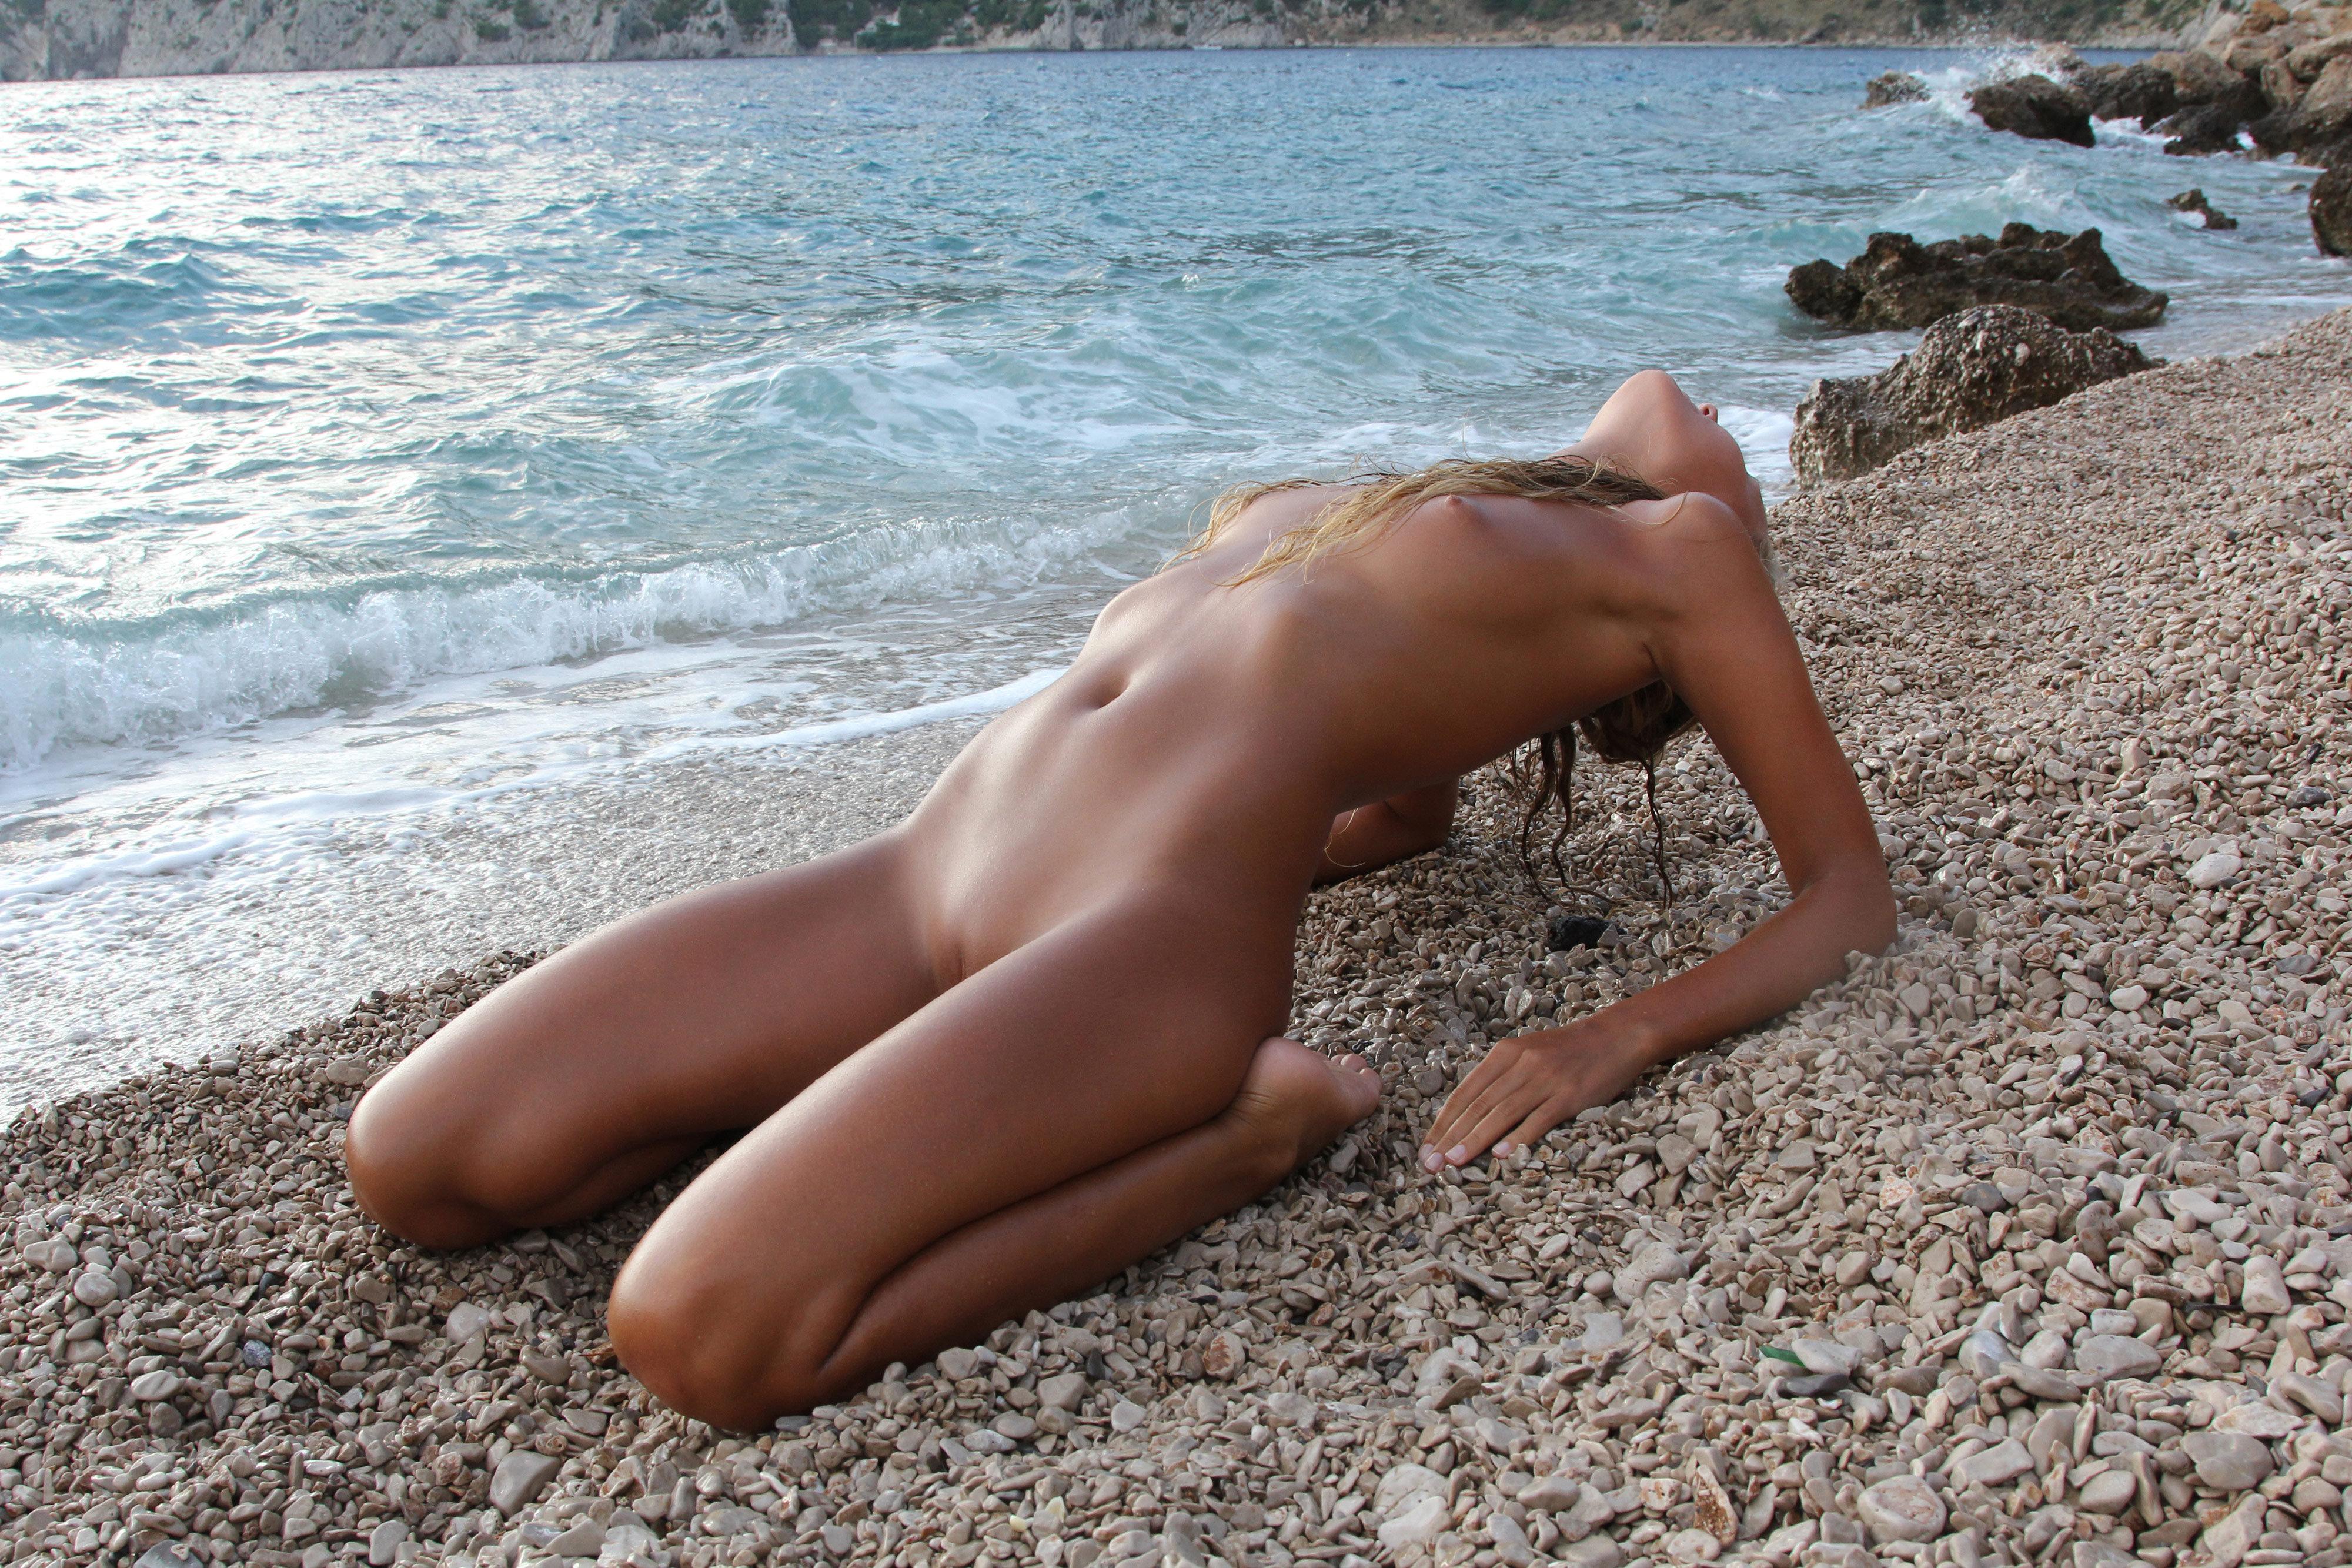 Рассказ голышом на море, Эротический рассказ - Приключение на море 20 фотография